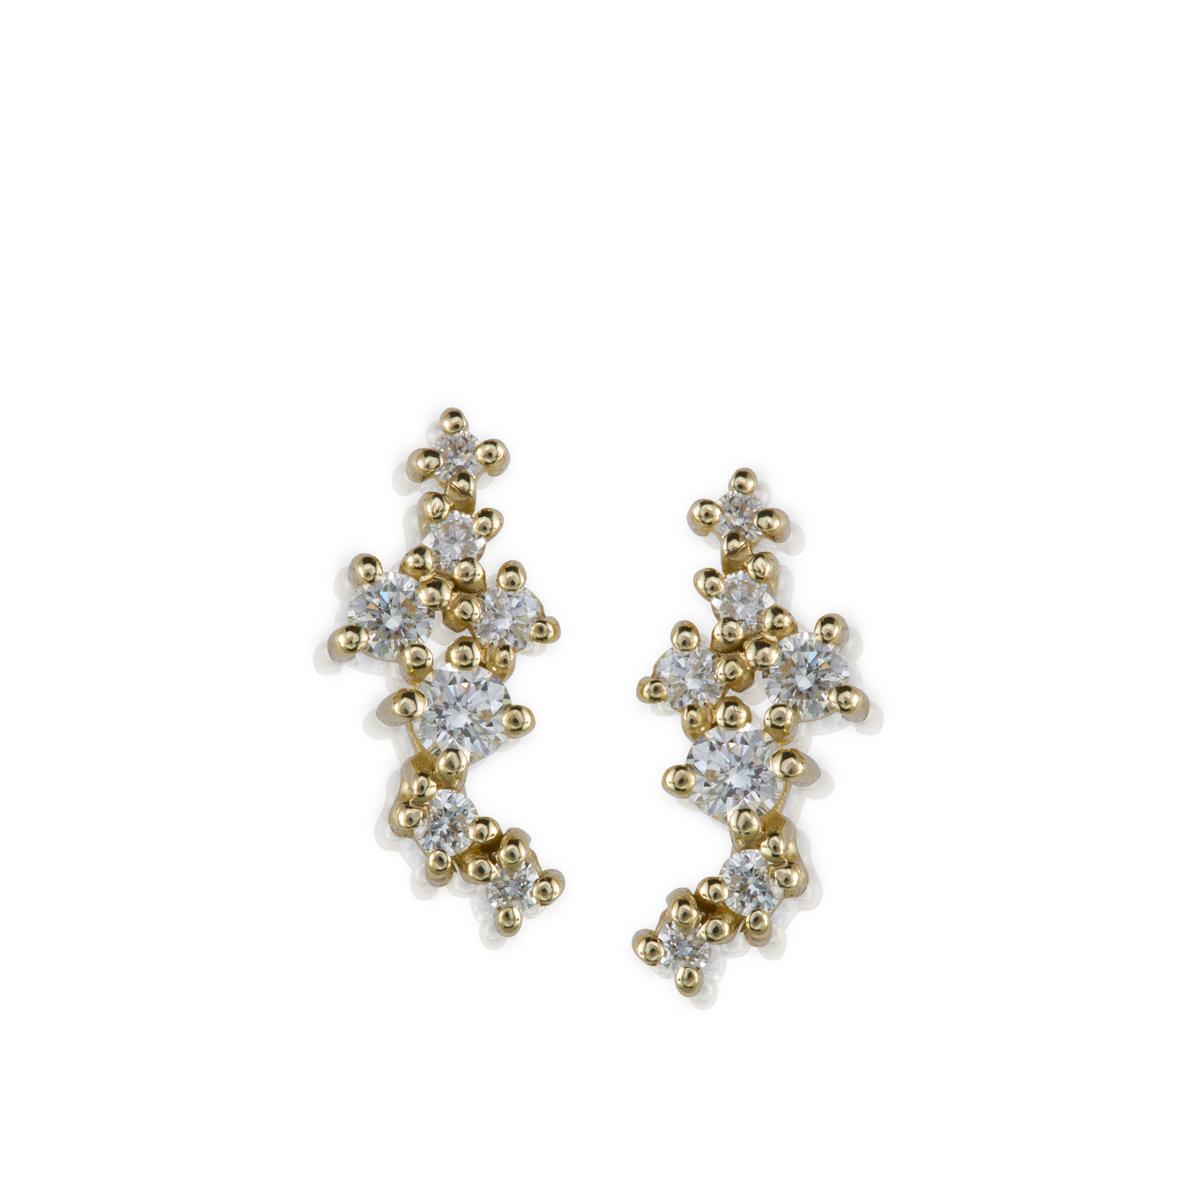 עגילי זהב צמודים משובצים יהלומים בגדלים משתנים